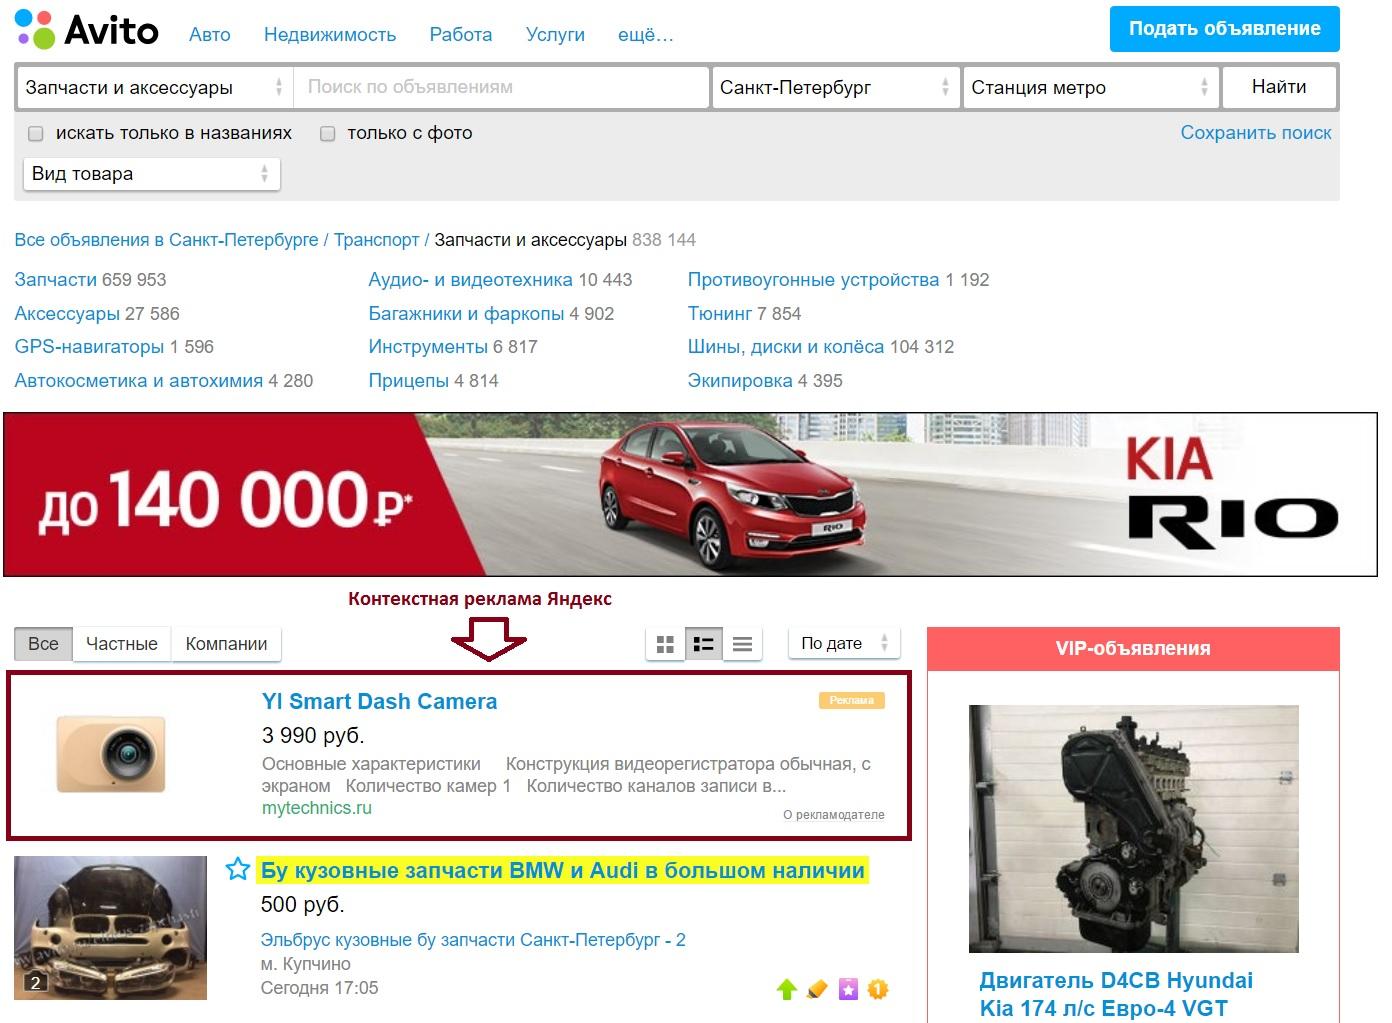 реклама появляющаяся интернет издании магазета лаовайкасте касается китая поэтому каждый